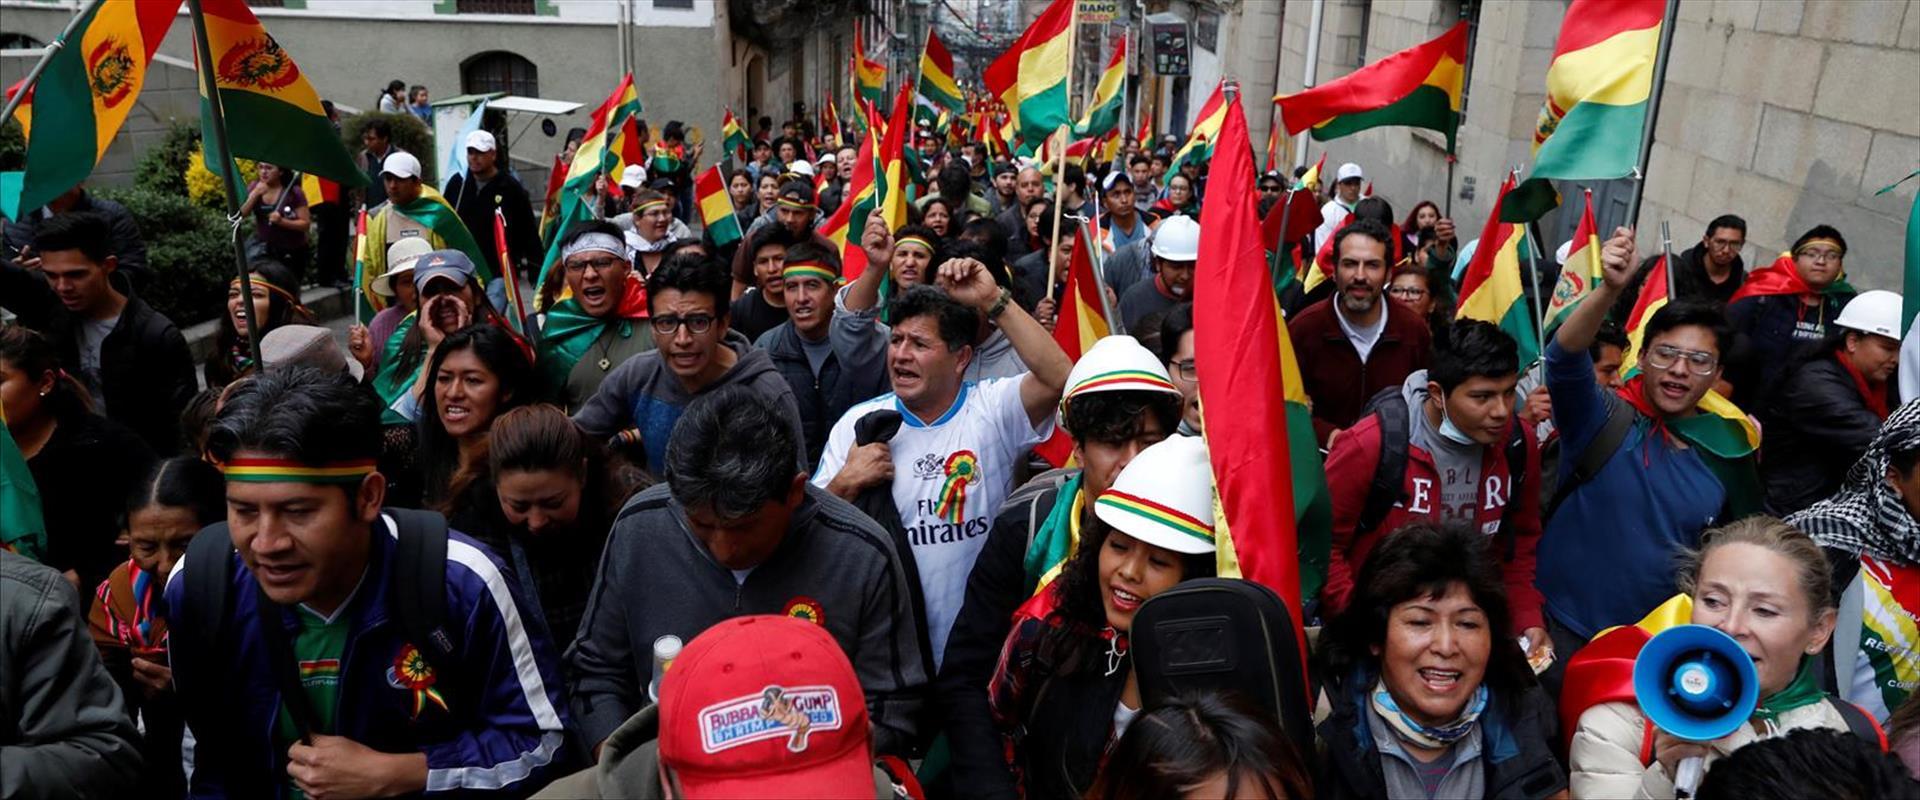 הפגנות נגד הנשיא בלה פאס, אתמול